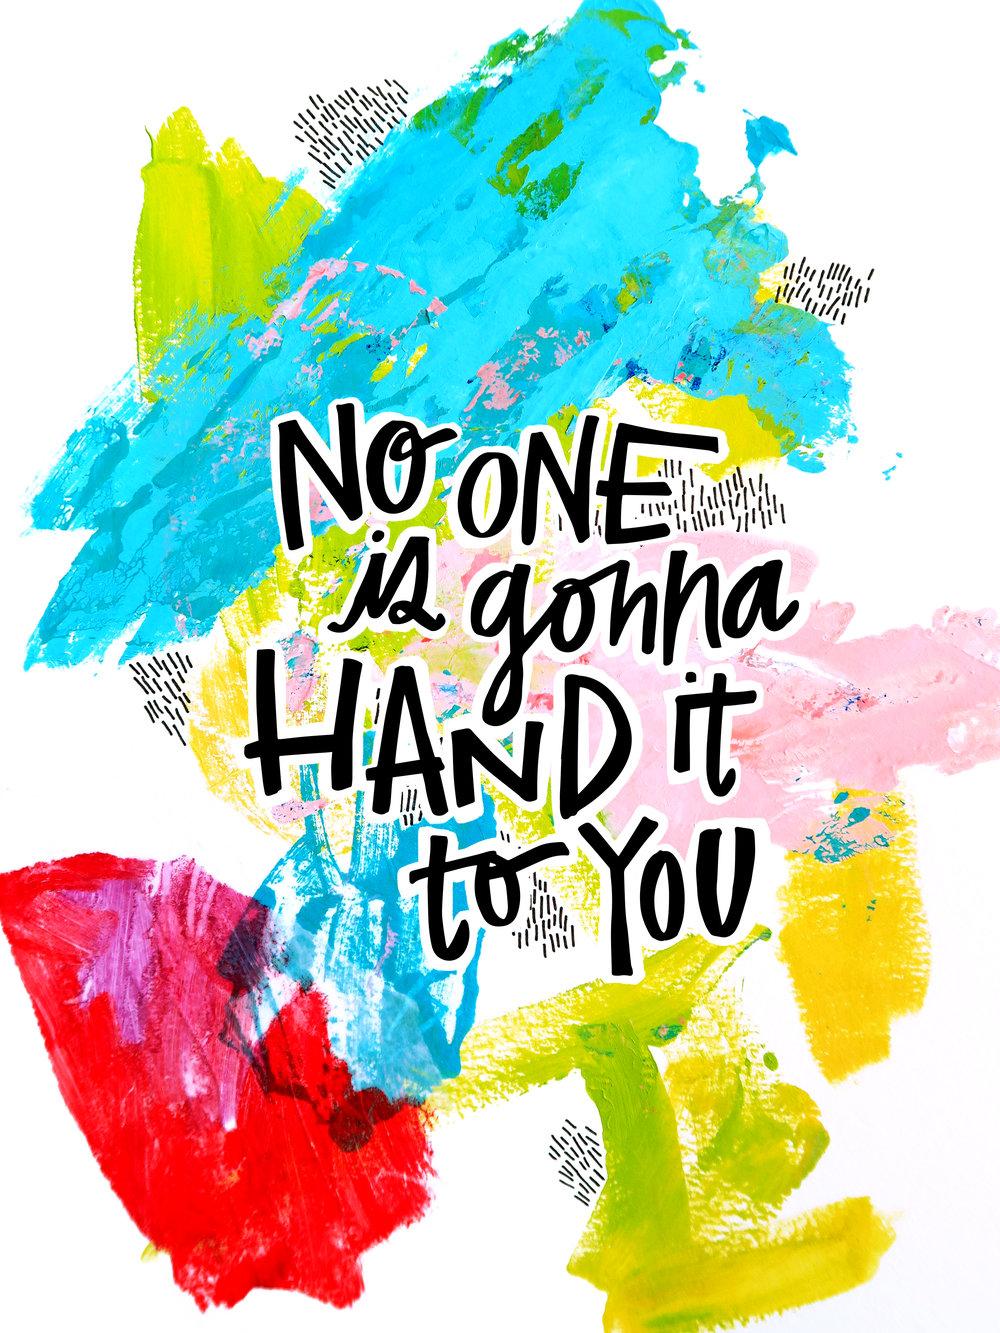 7/24/16: Hand